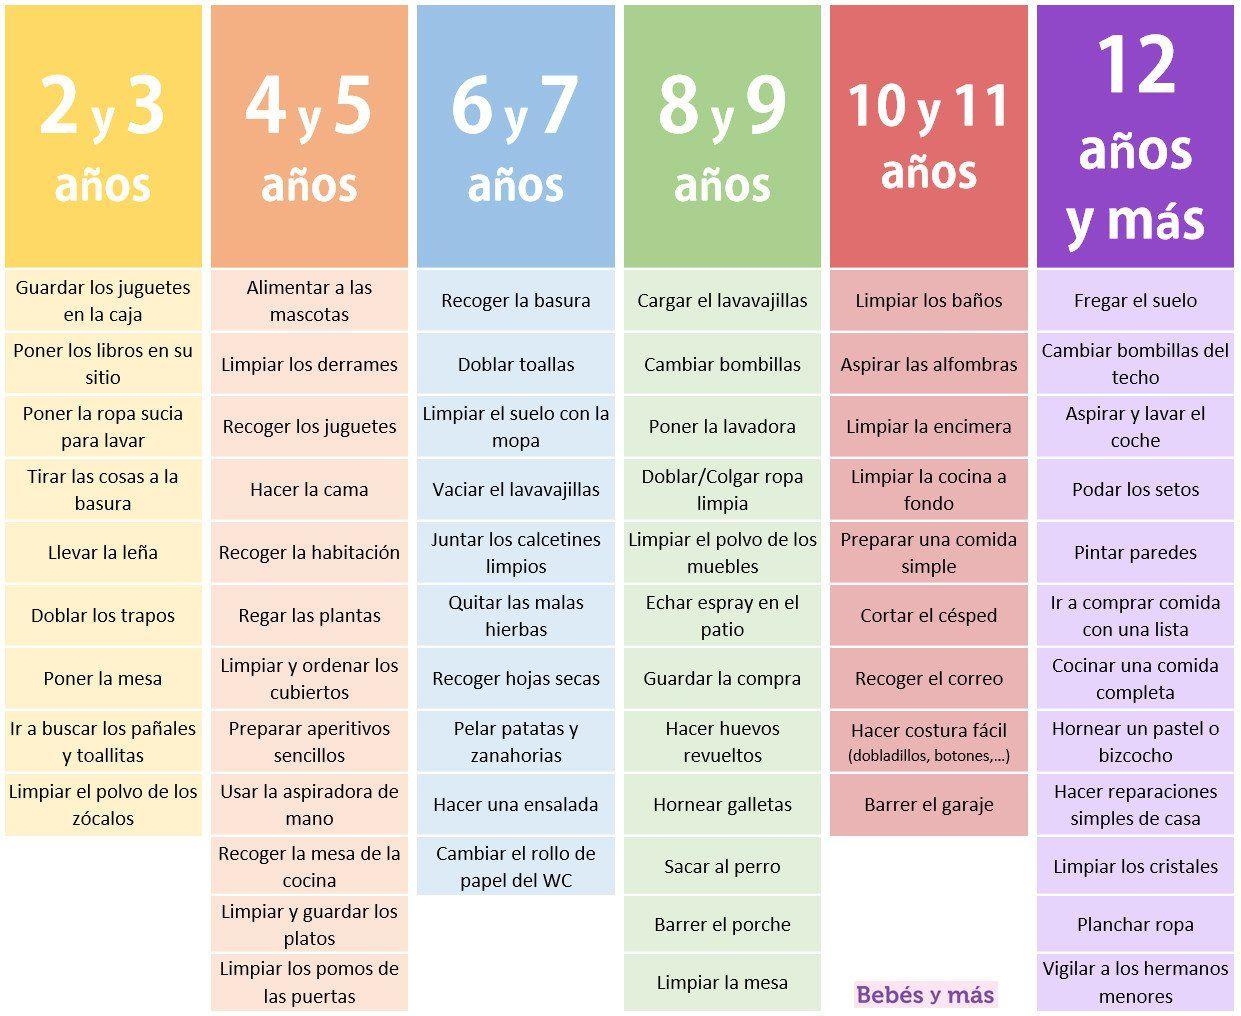 tabla para tareas